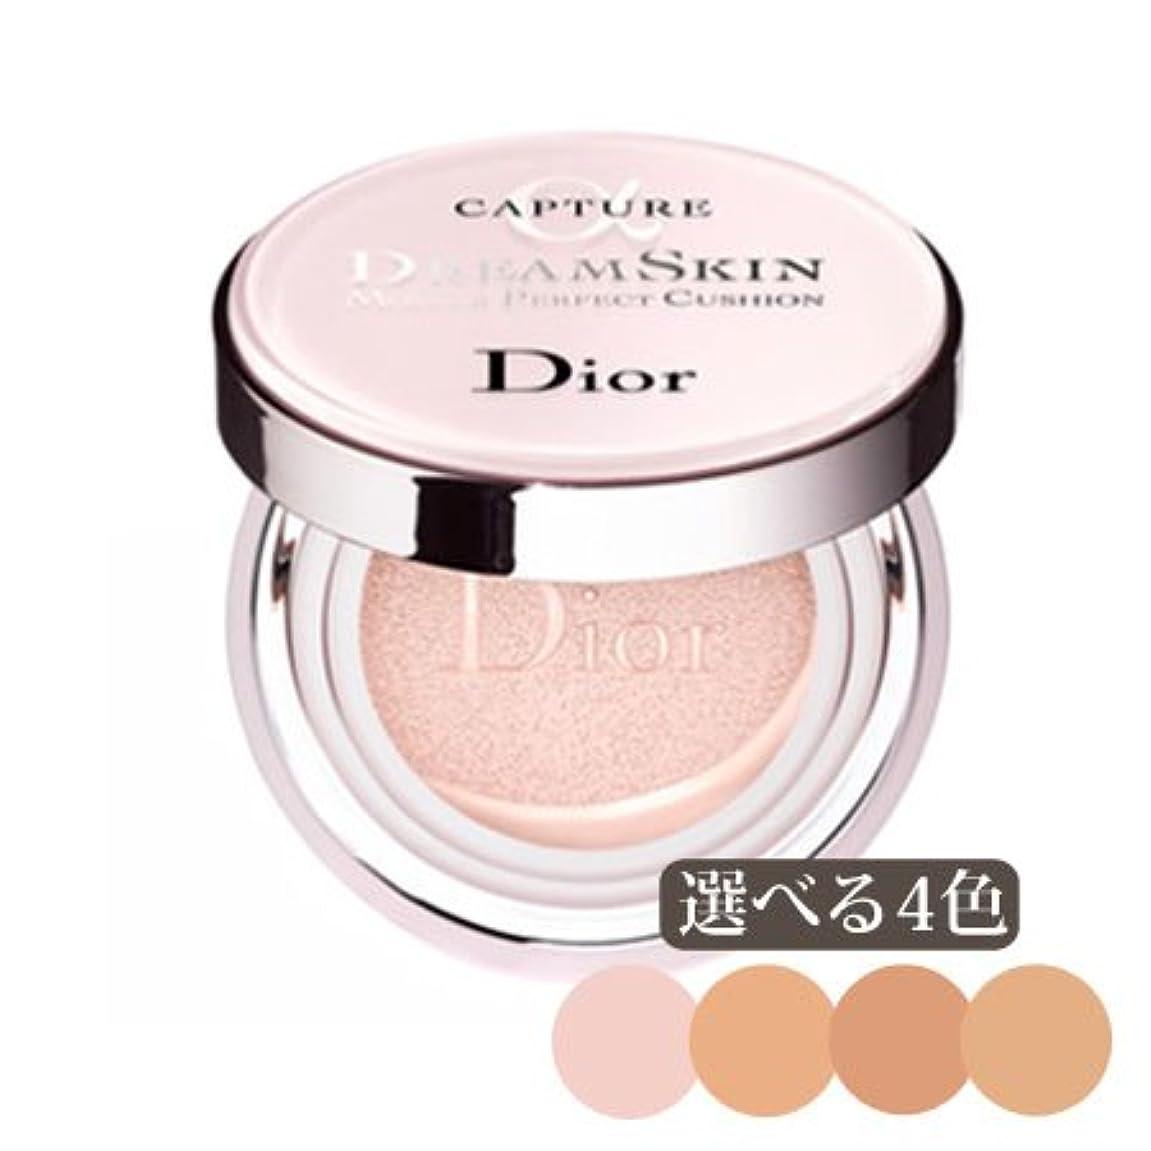 支店死ぬシネウィディオール カプチュール ドリームスキン モイスト クッション 選べる4色 -Dior- 012